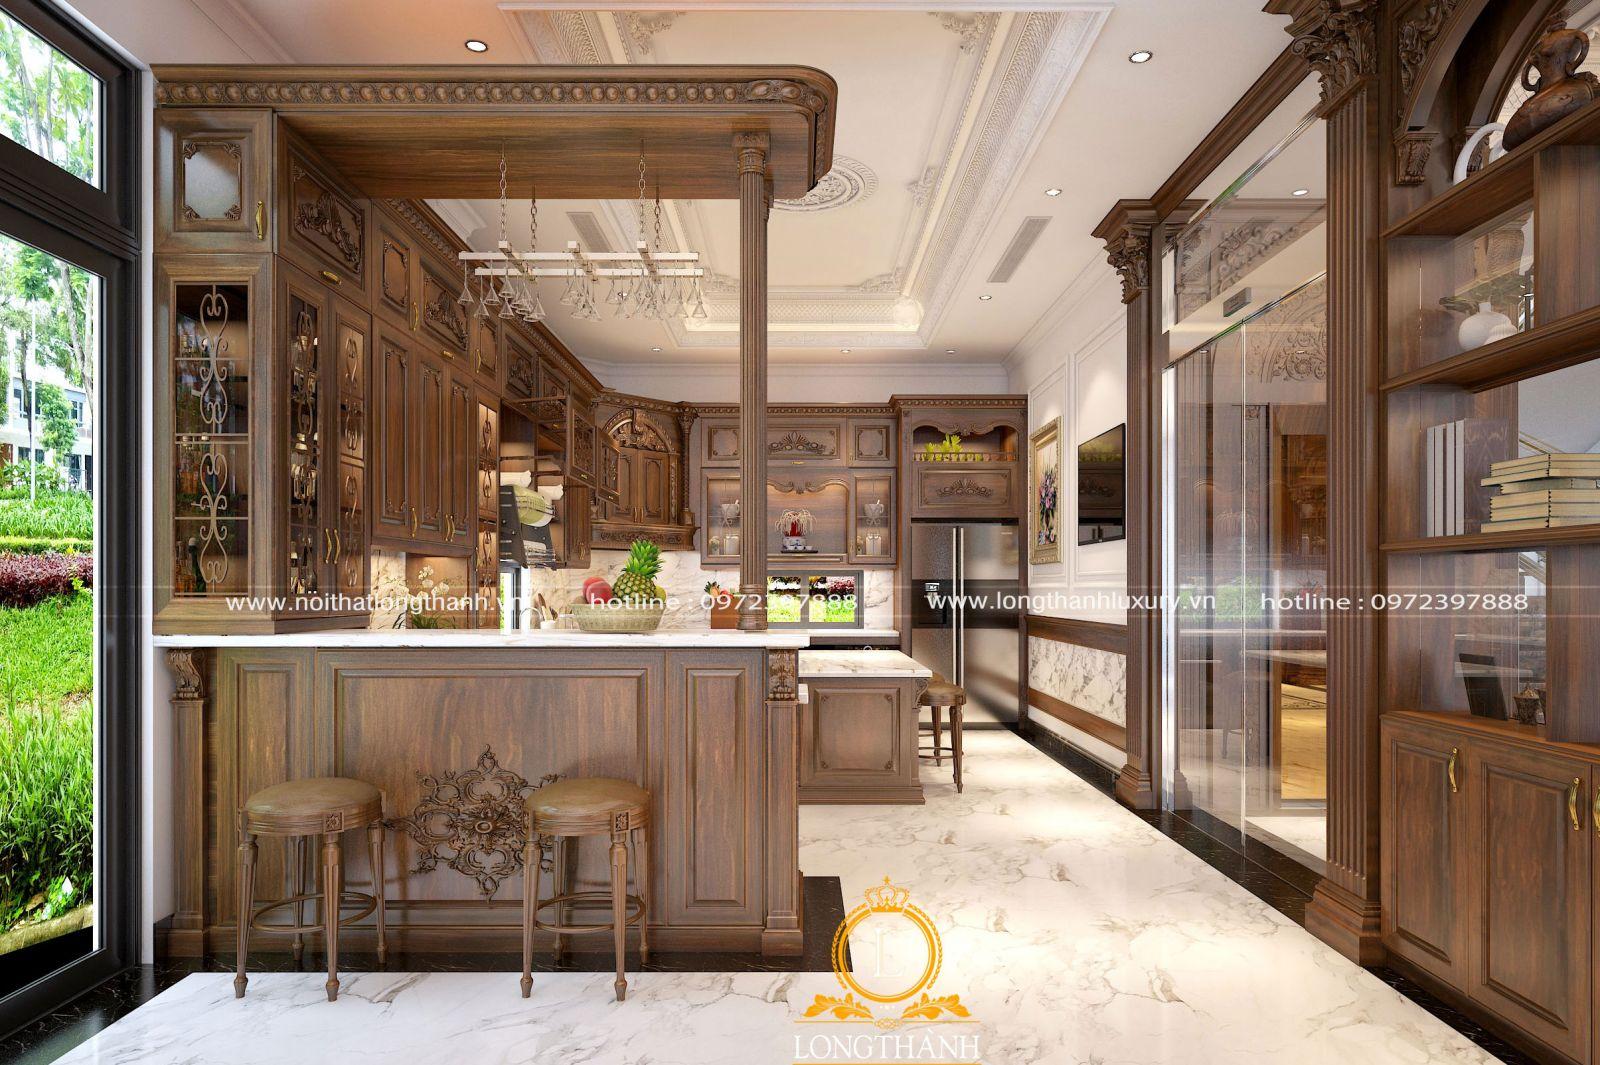 Thiết kế tủ bếp tân cổ điển kết hợp với quẩy bar sang trọng